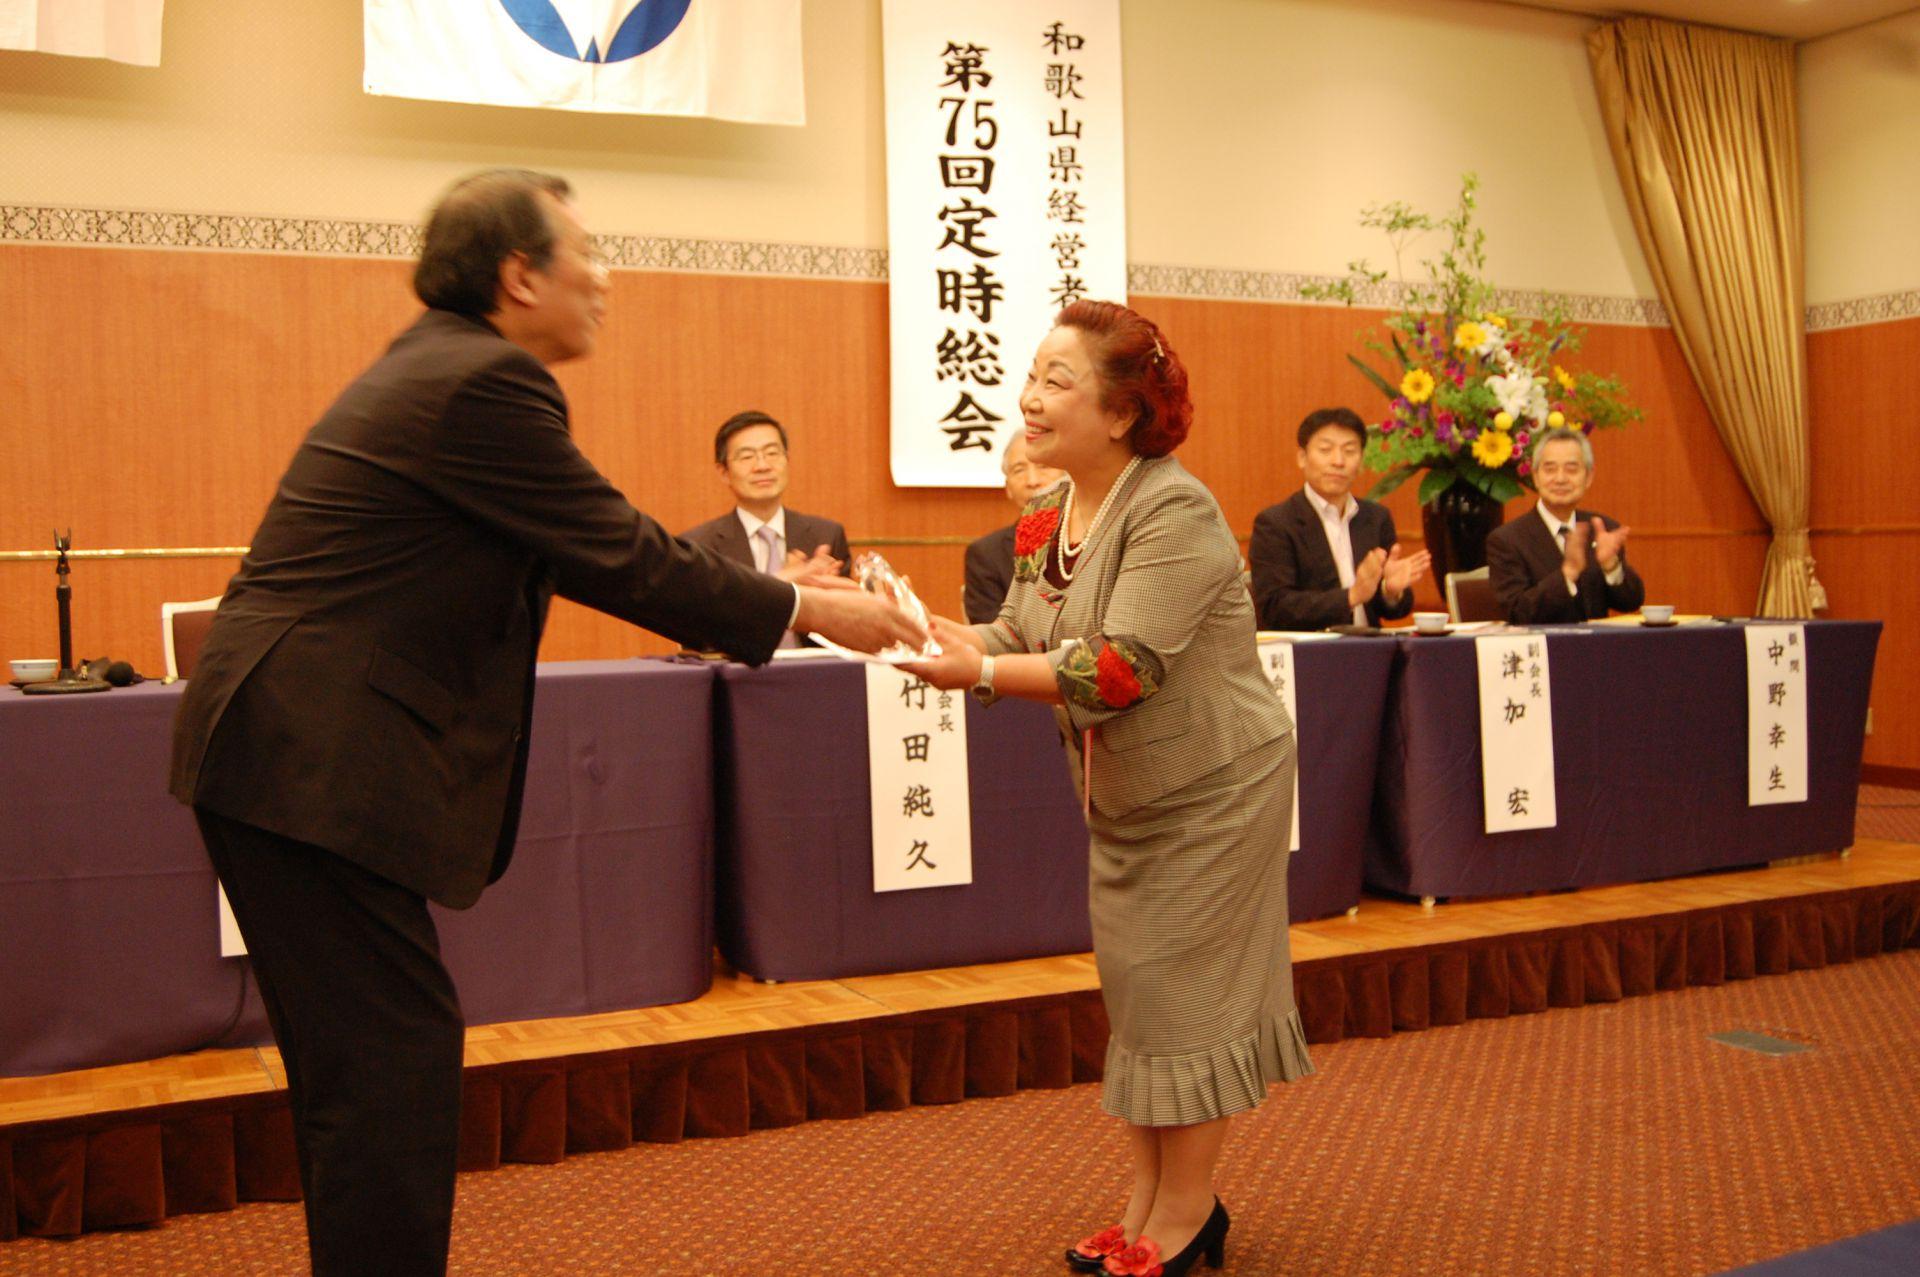 第一号「キラリ!輝く女性ビジネス大賞」に文子社長が選ばれました!